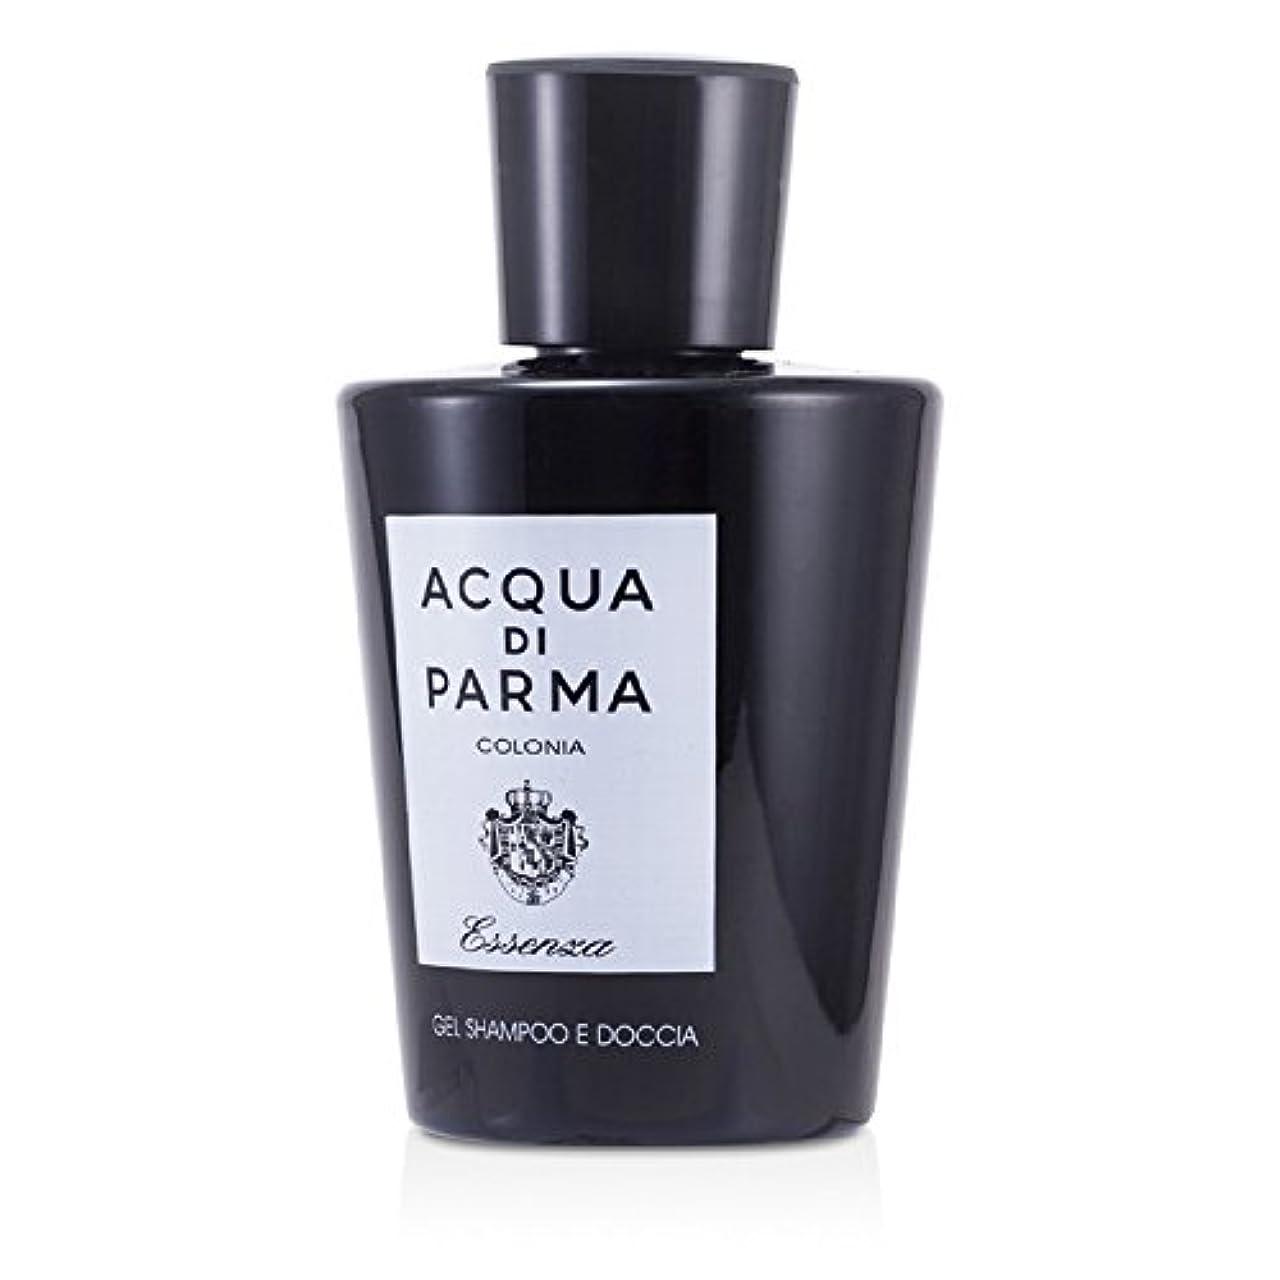 アクアディパルマ コロニアエッセンザ ヘア & シャワー ジェル 200ml/6.7oz並行輸入品